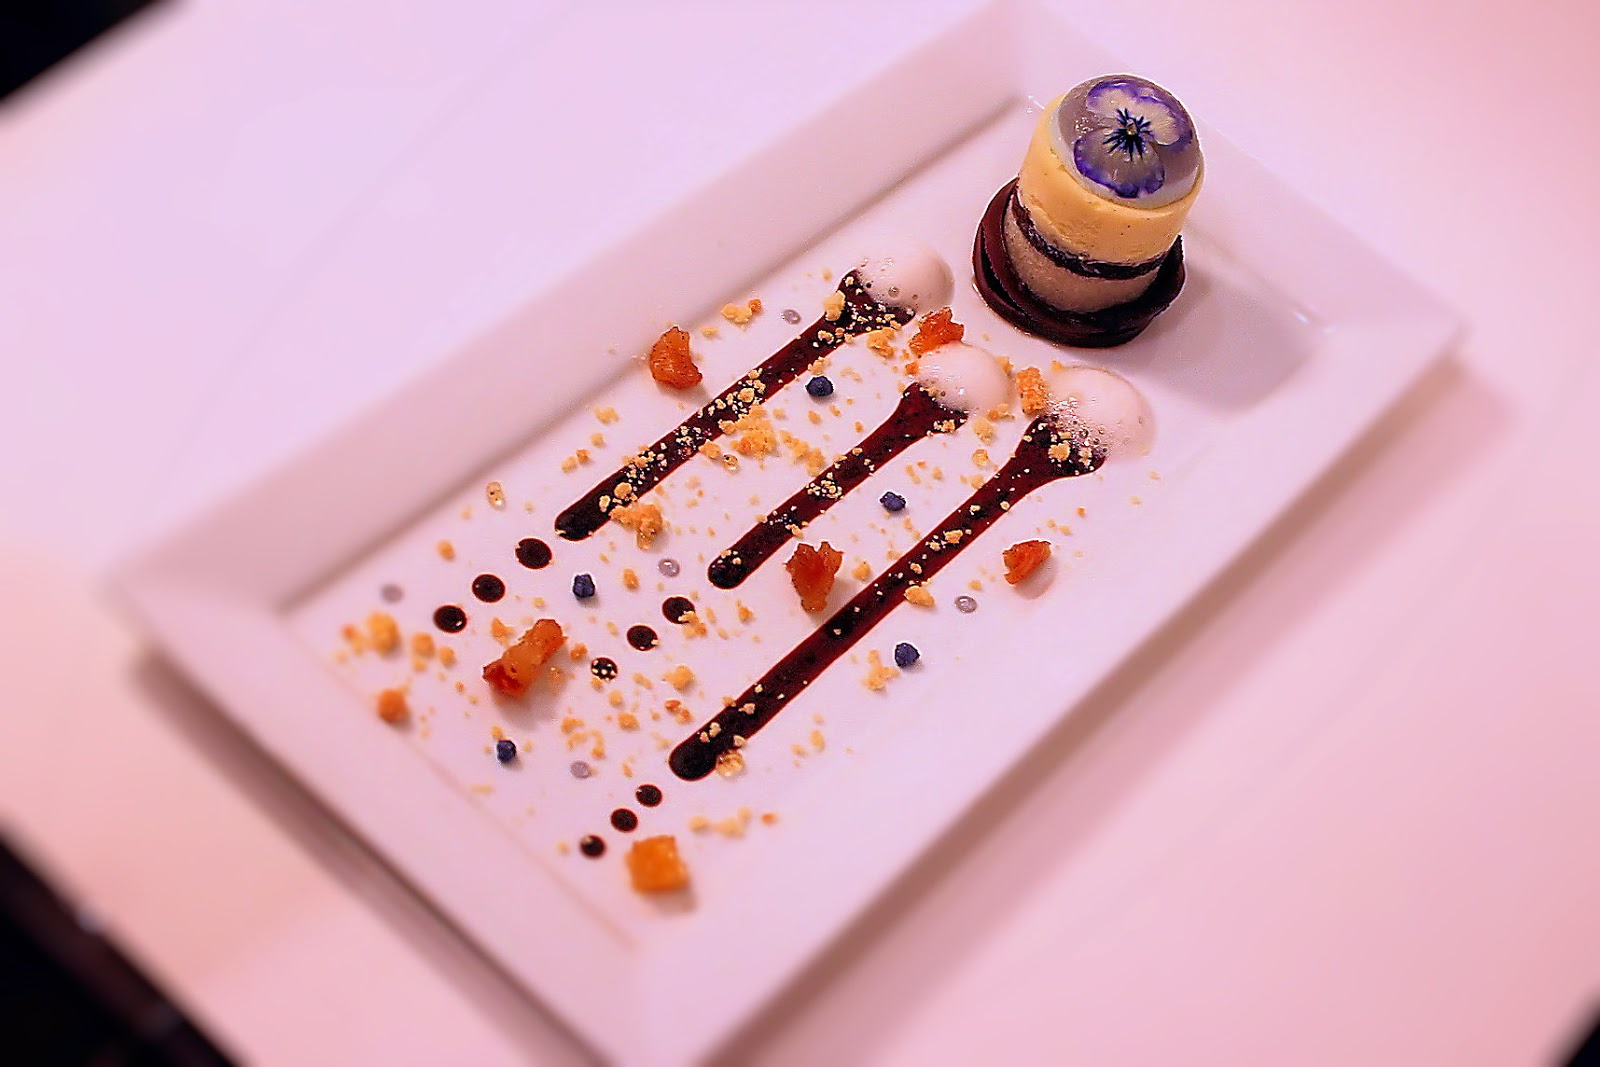 hundertachtziggrad°: Zum Dessert nackt auf dem Tisch tanzen